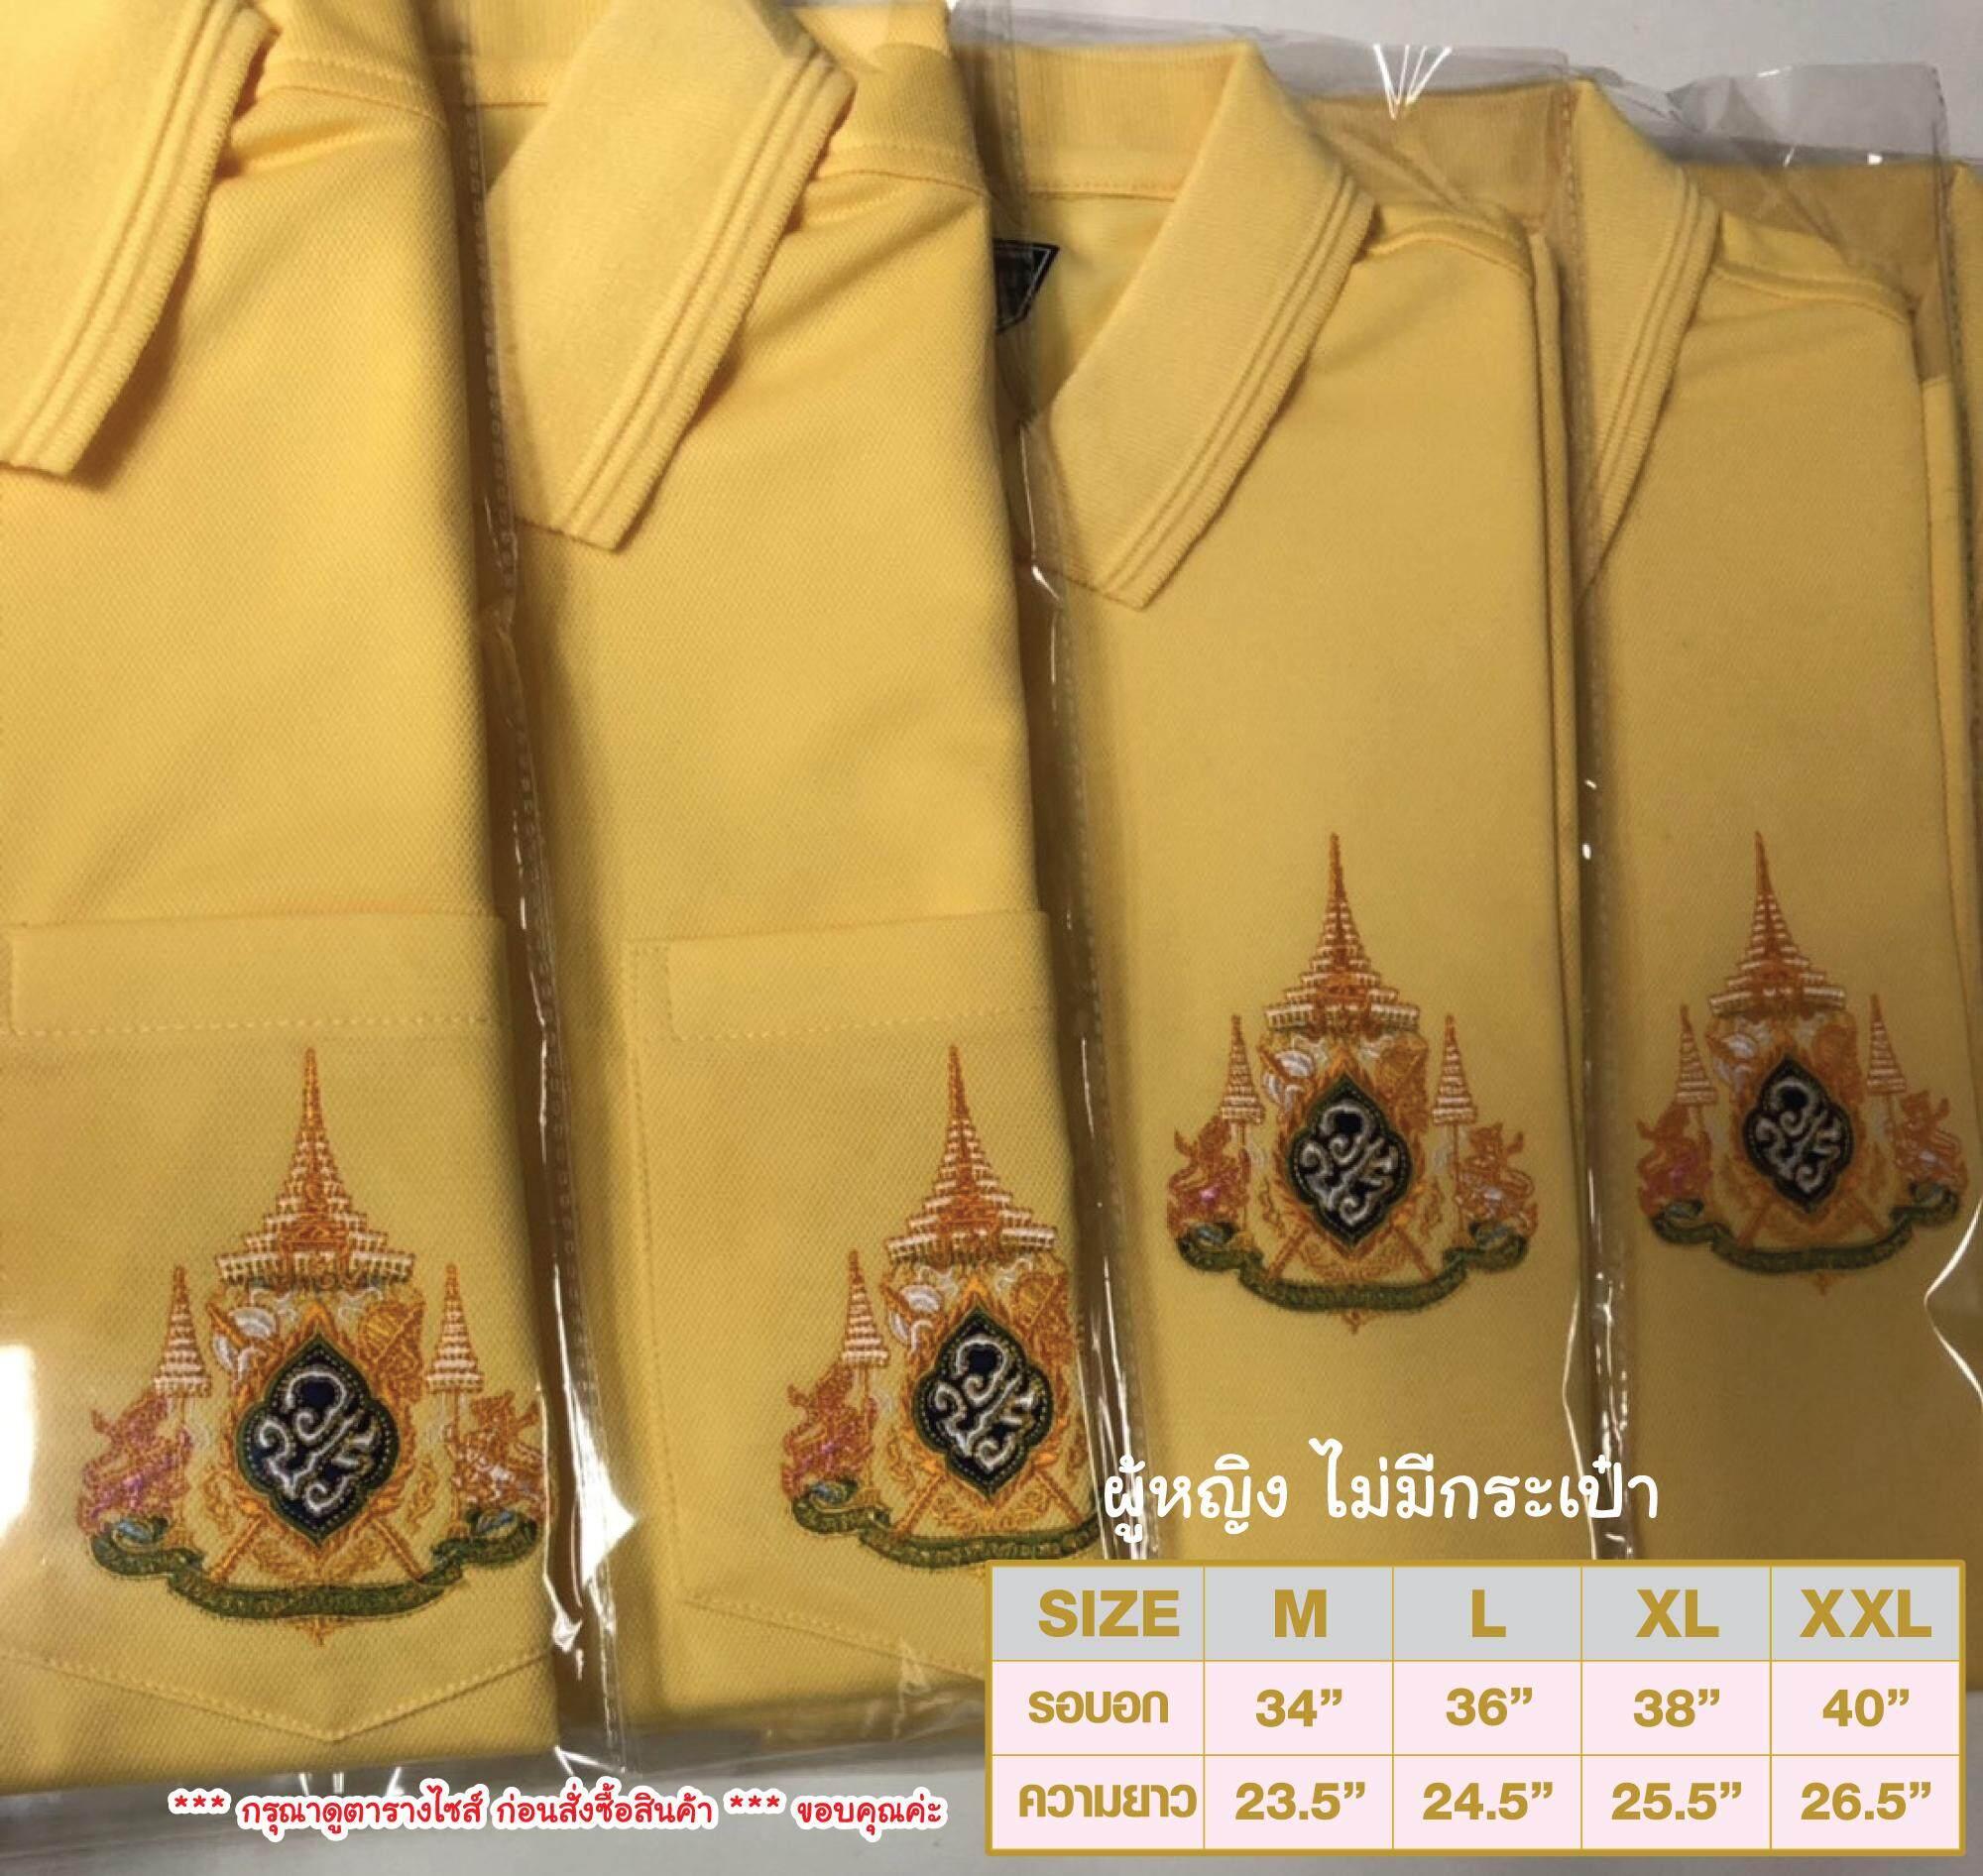 เสื้อโปโลสีเหลืองนาโน ผู้หญิง พร้อมตราสัญลักษณ์พระราชพิธีบรมราชาภิเษก พุทธศักราช ๒๕๖๒ By Megastore Jula 10.